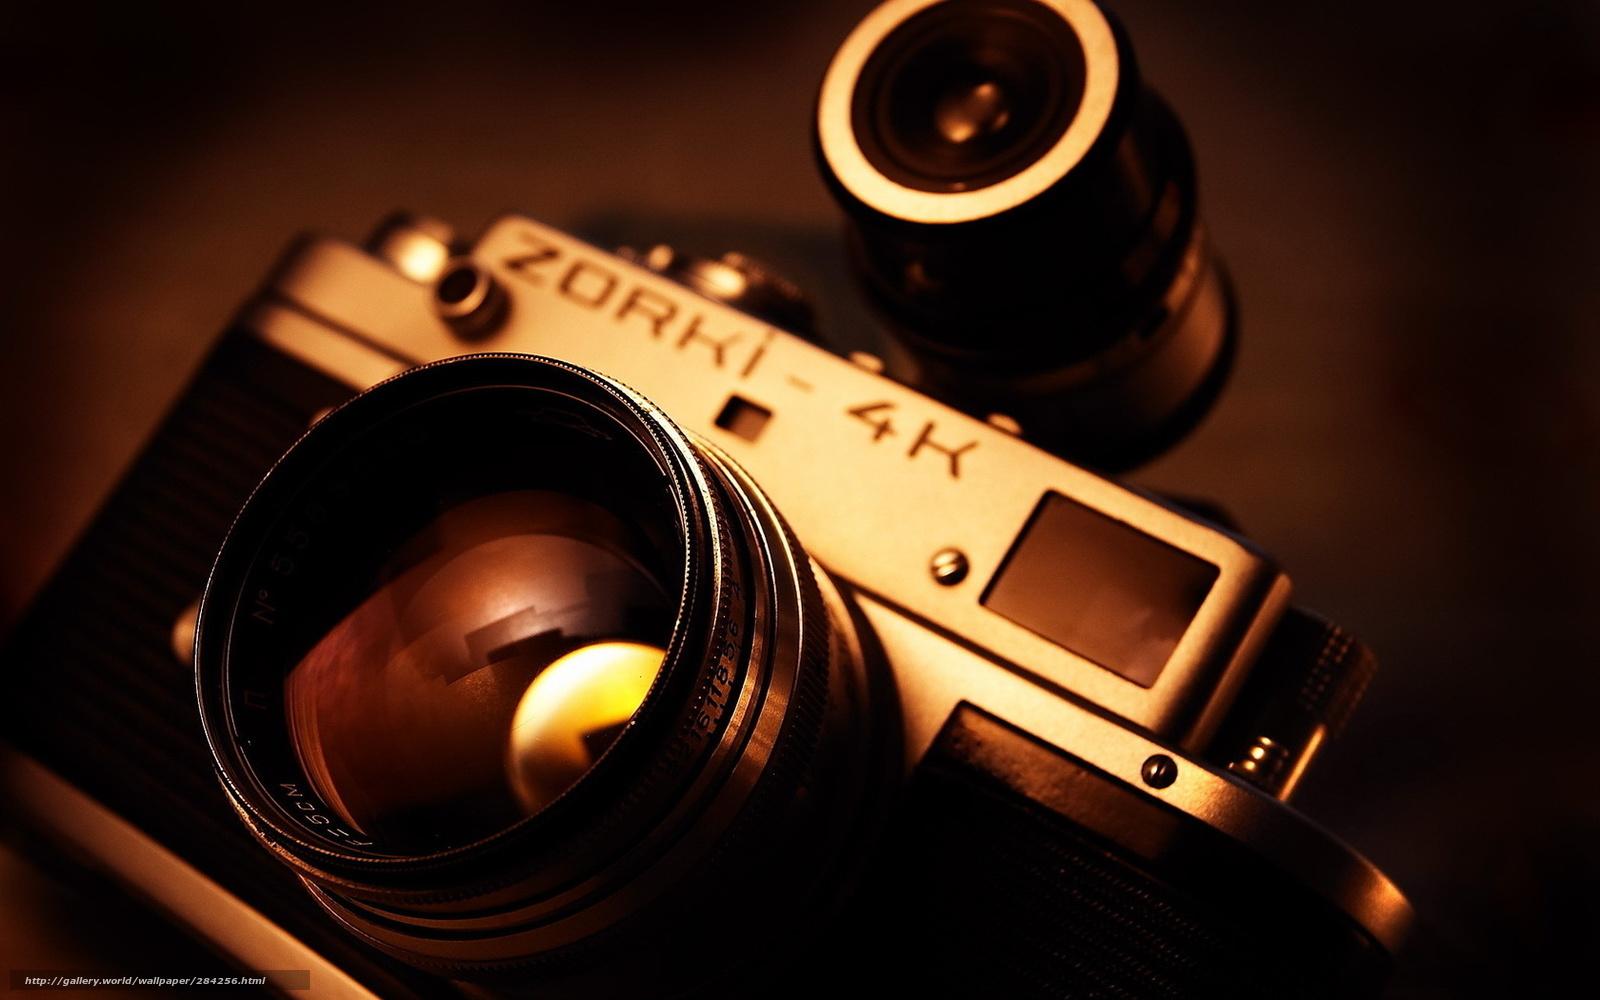 Tlcharger fond d 39 ecran appareil photo appareil photo for Ecran appareil photo